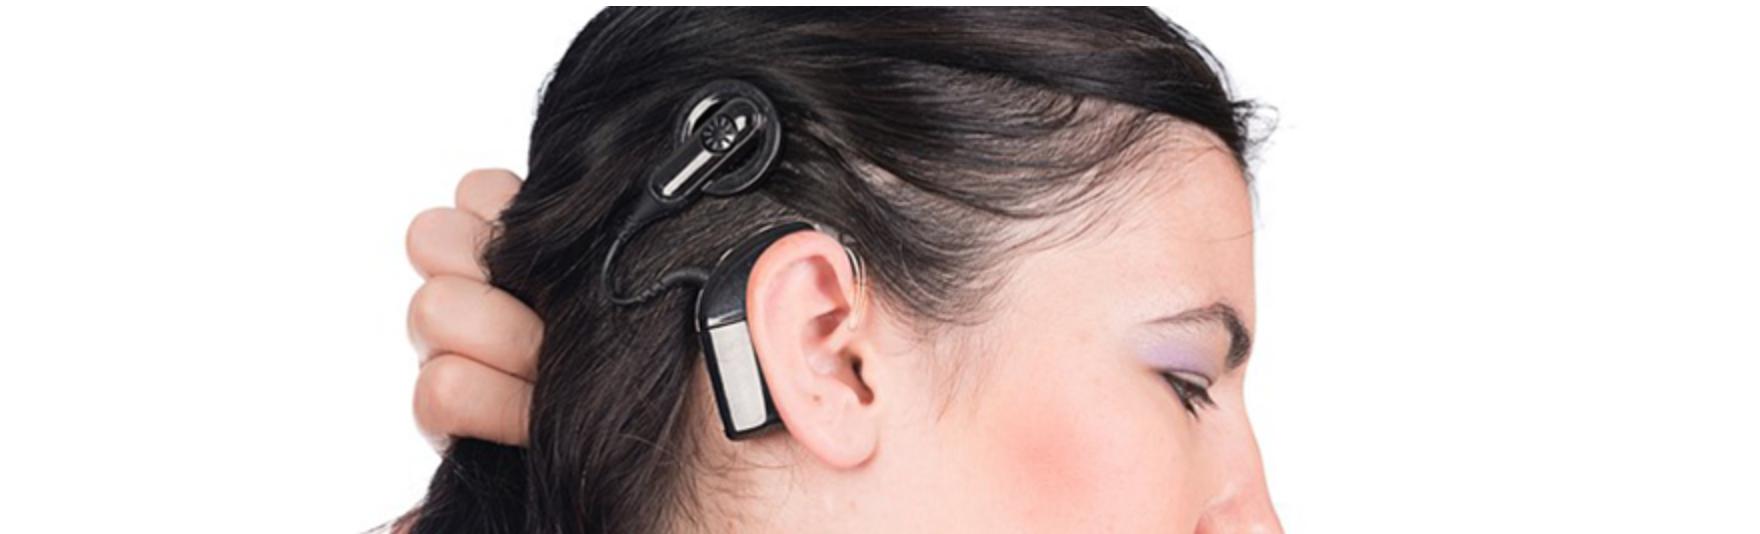 علاج ضعف السمع